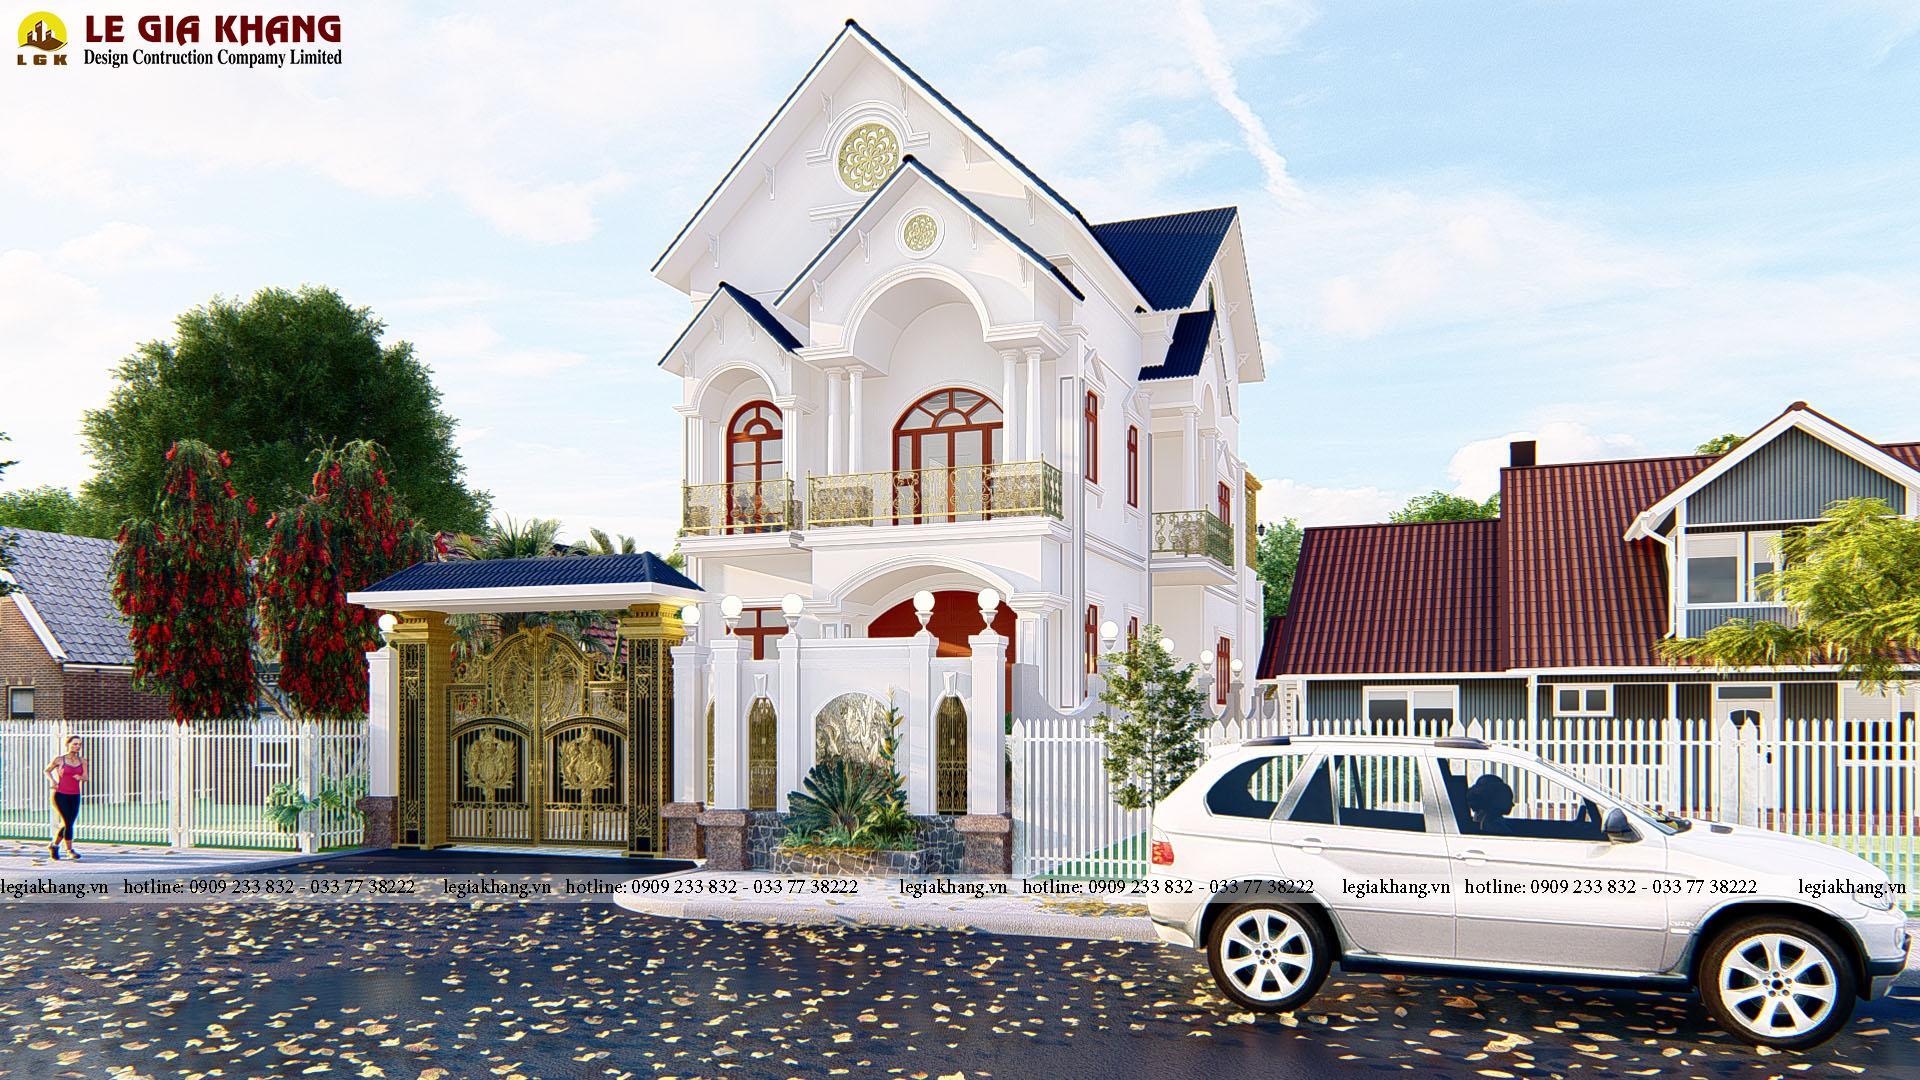 Nhà Chú Hải - P. Bửu Hoà, TP. Biên Hoà, T. Đồng Nai 1